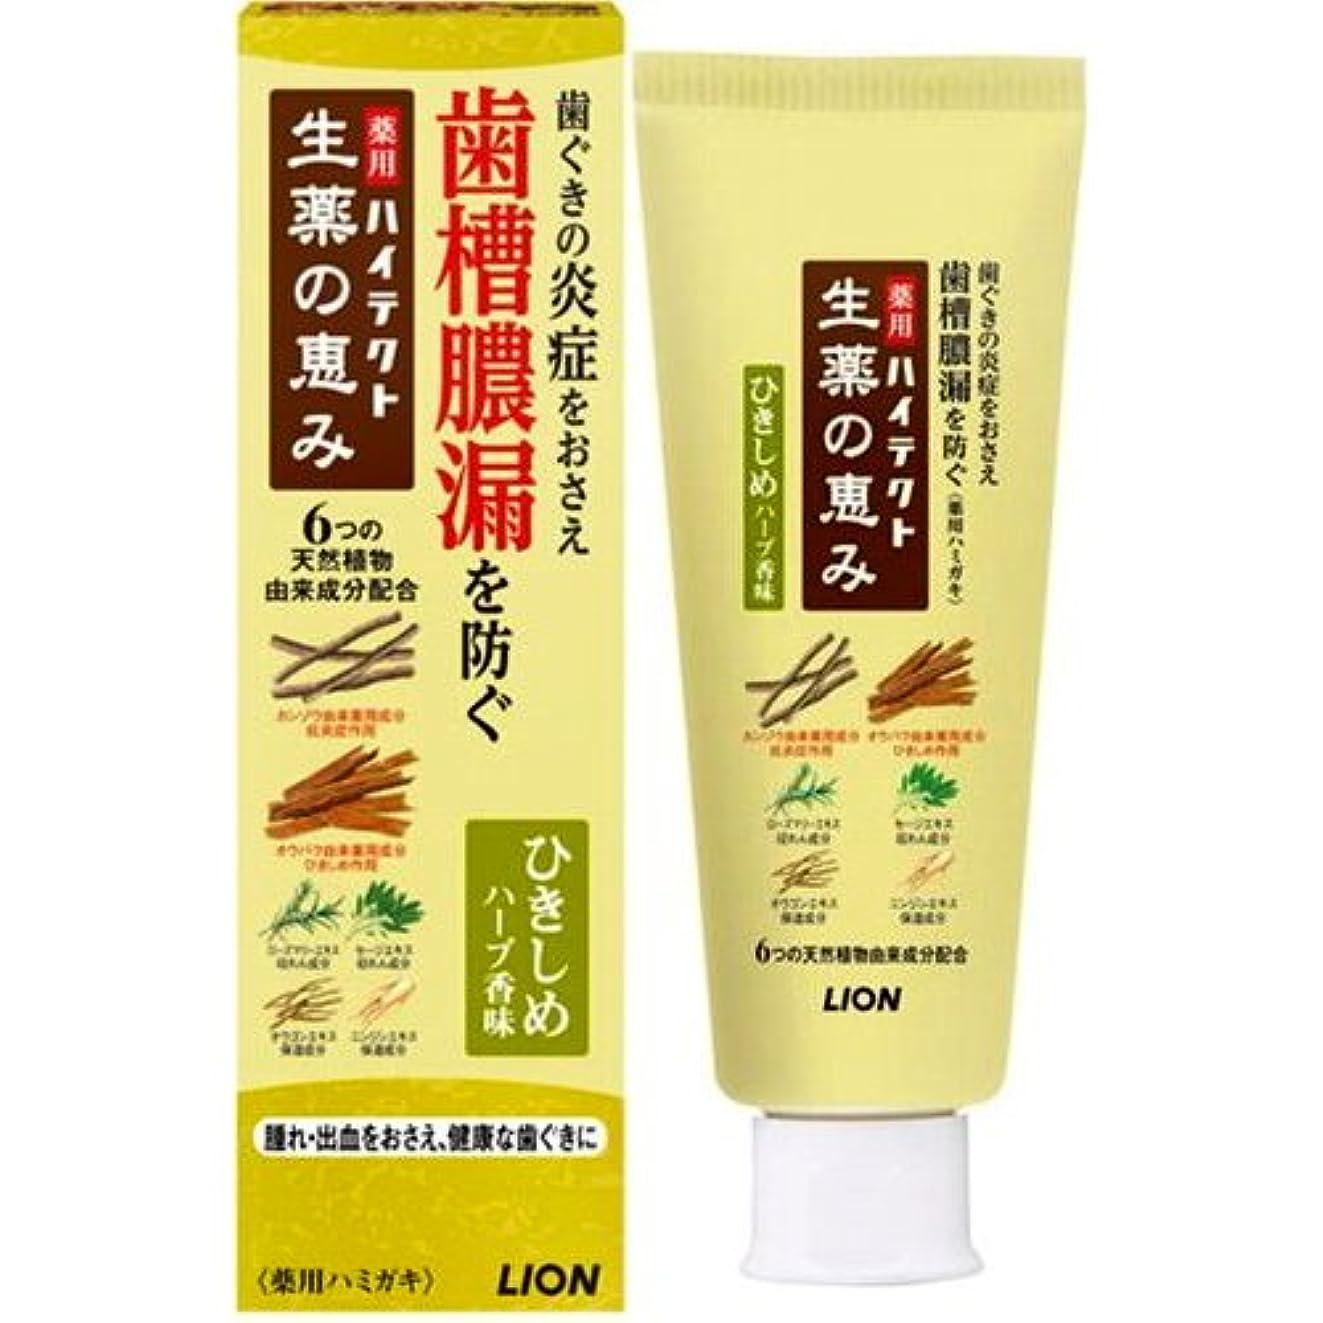 硬いブラザー玉ねぎ【ライオン】ハイテクト 生薬の恵み ひきしめハーブ香味 90g ×3個セット